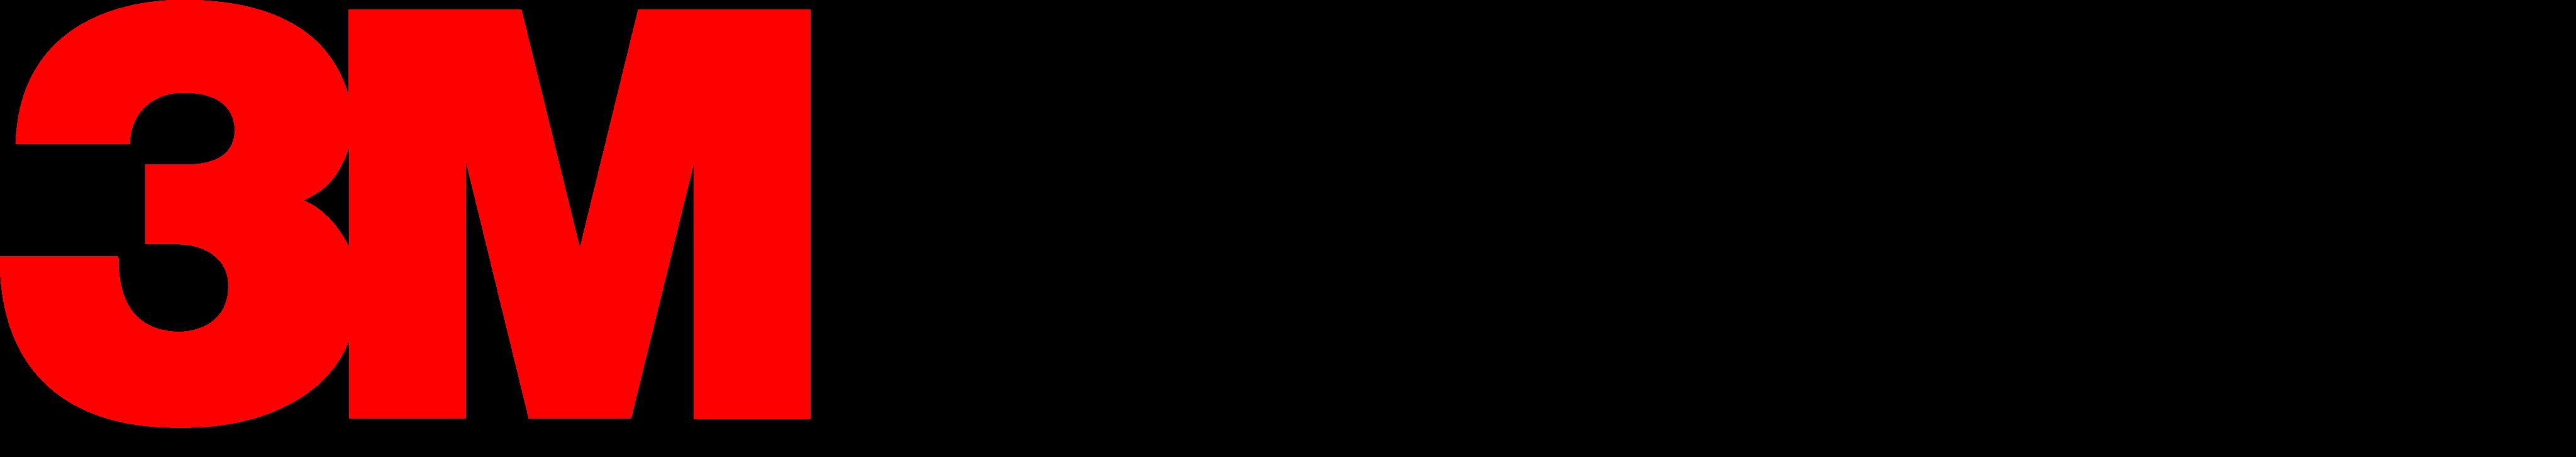 3m logo 11 - 3M Logo